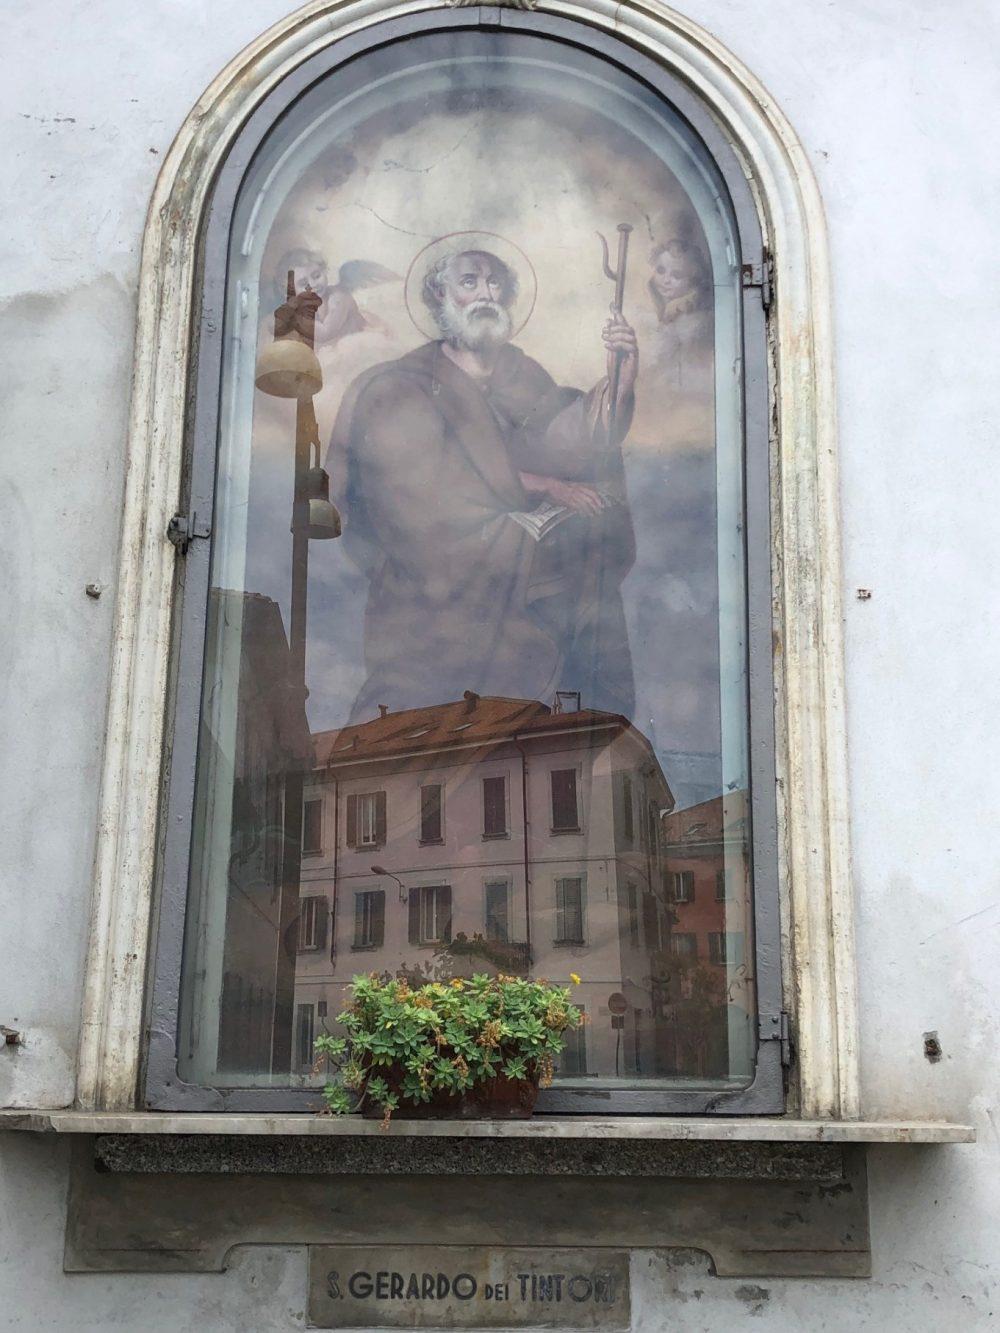 S.Gerardo dei Tintori